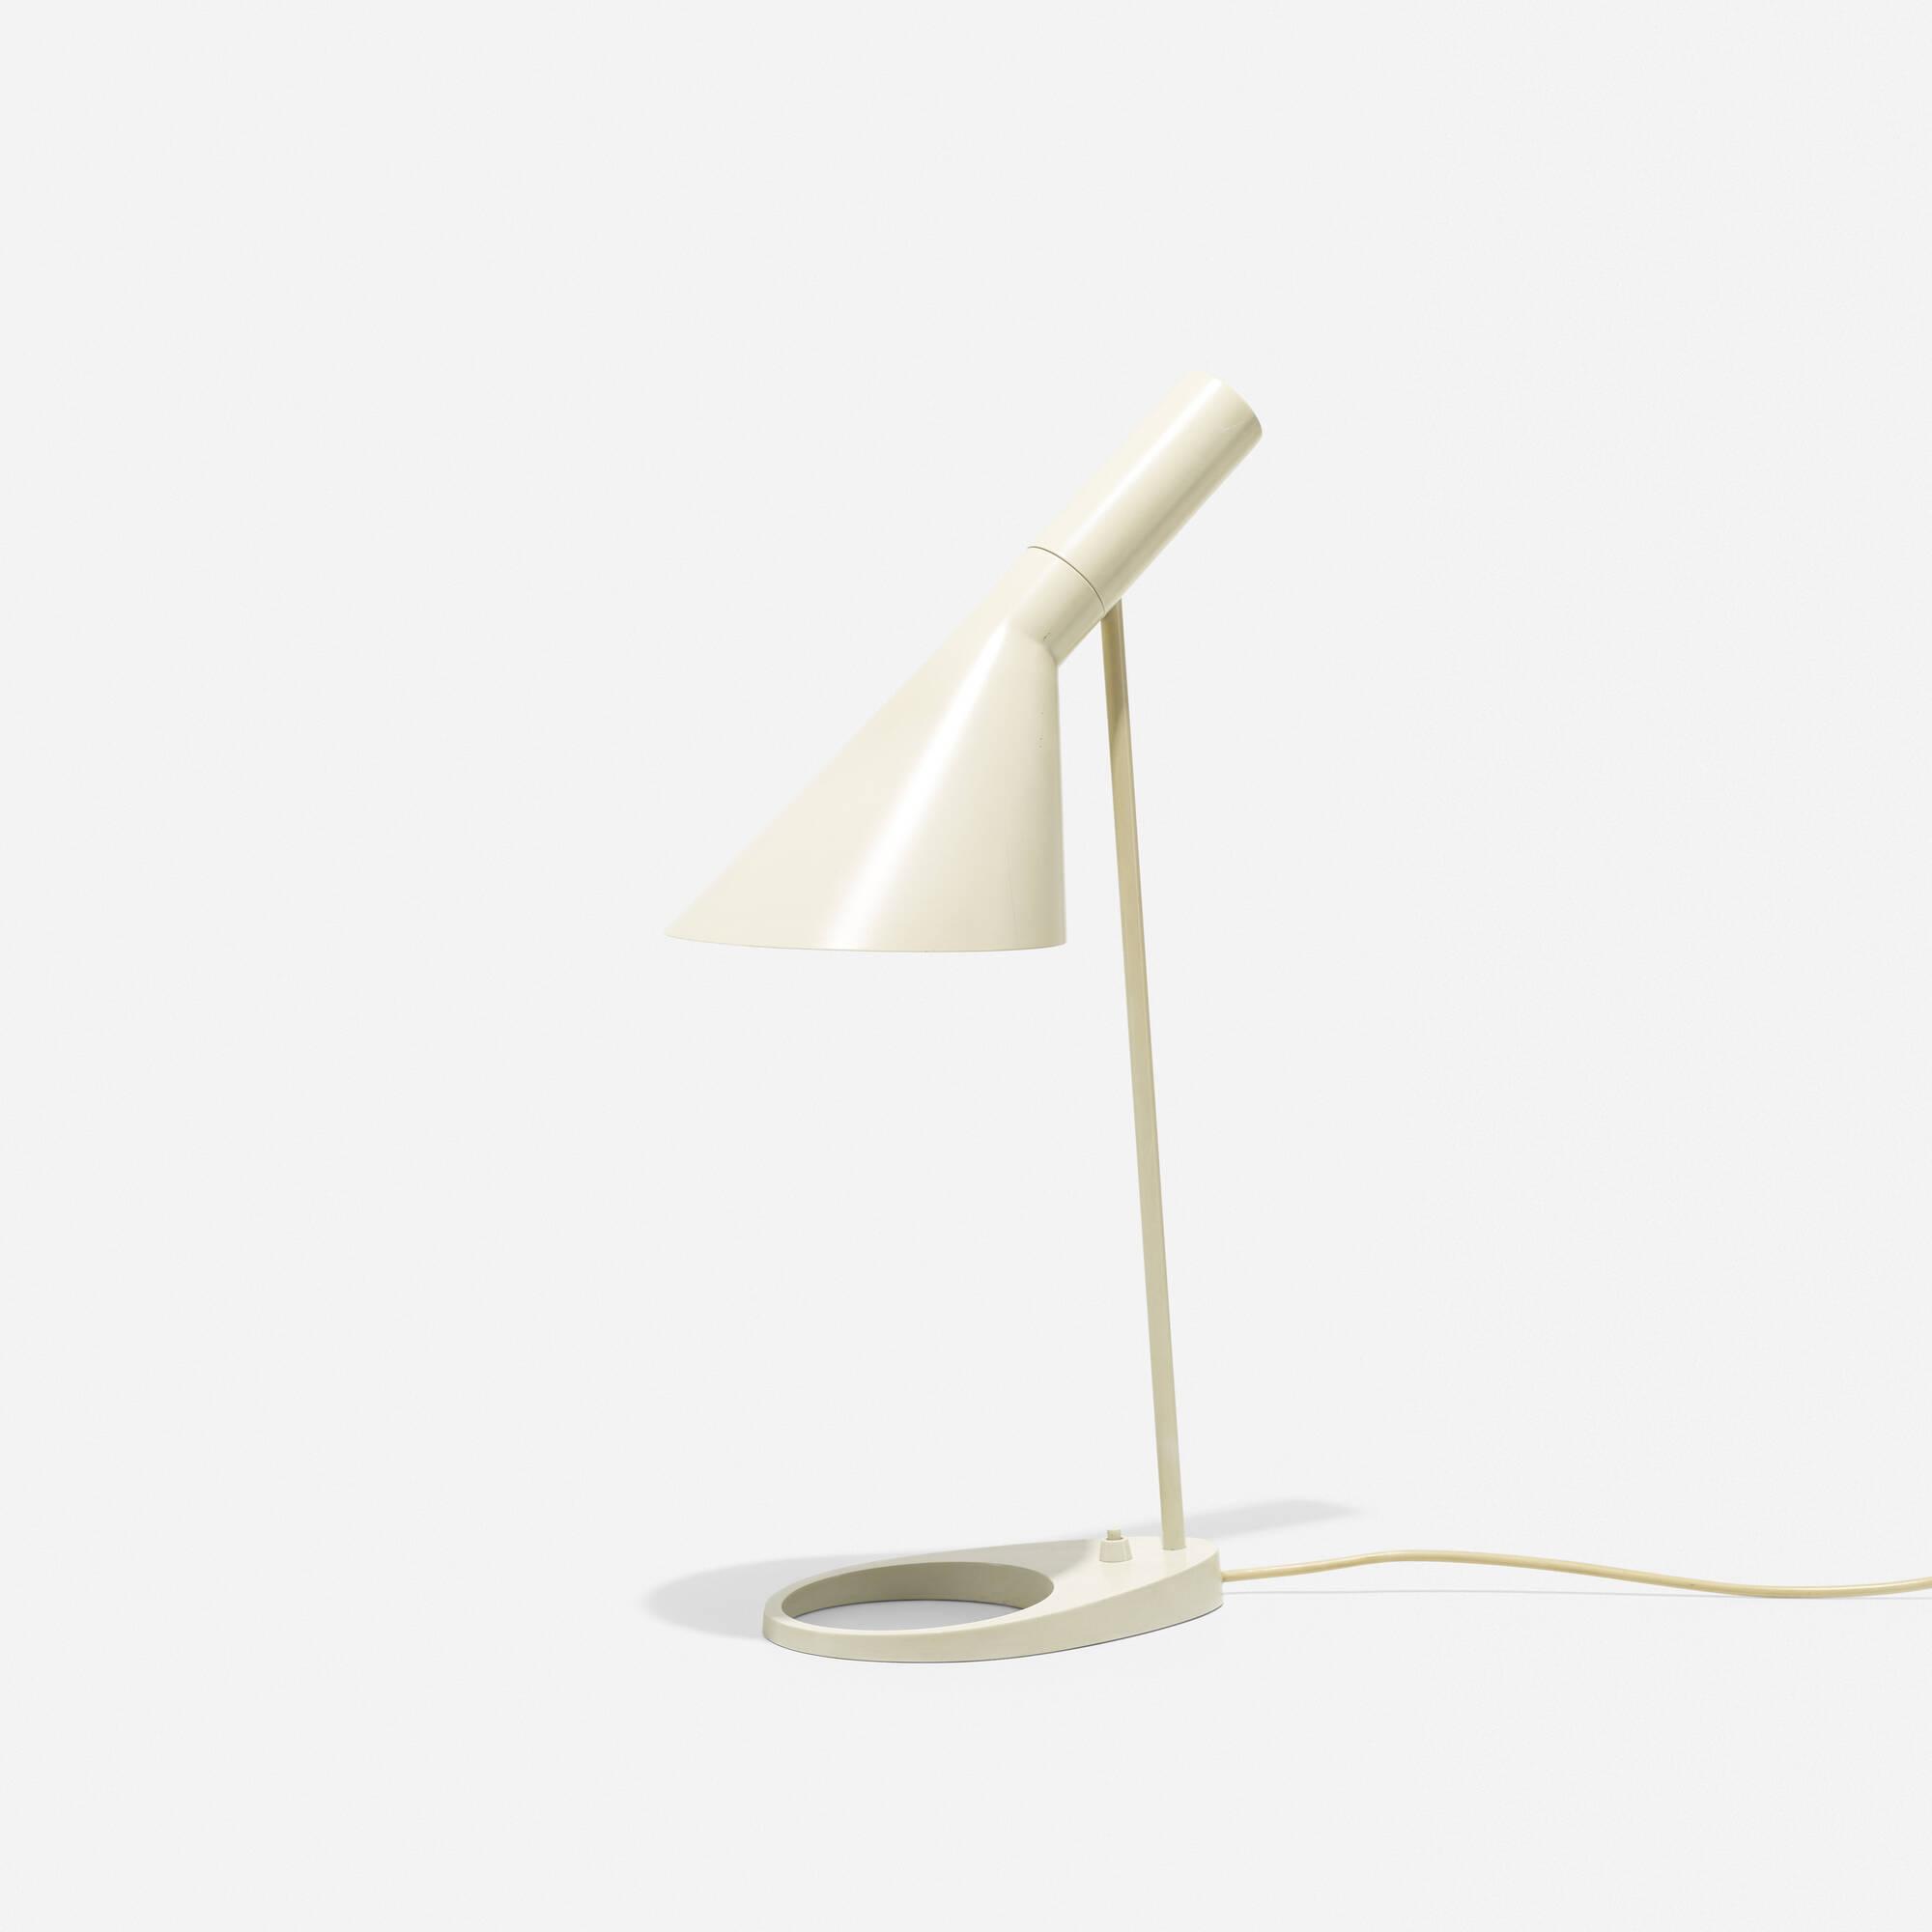 267: Arne Jacobsen / Visor table lamp (1 of 2)